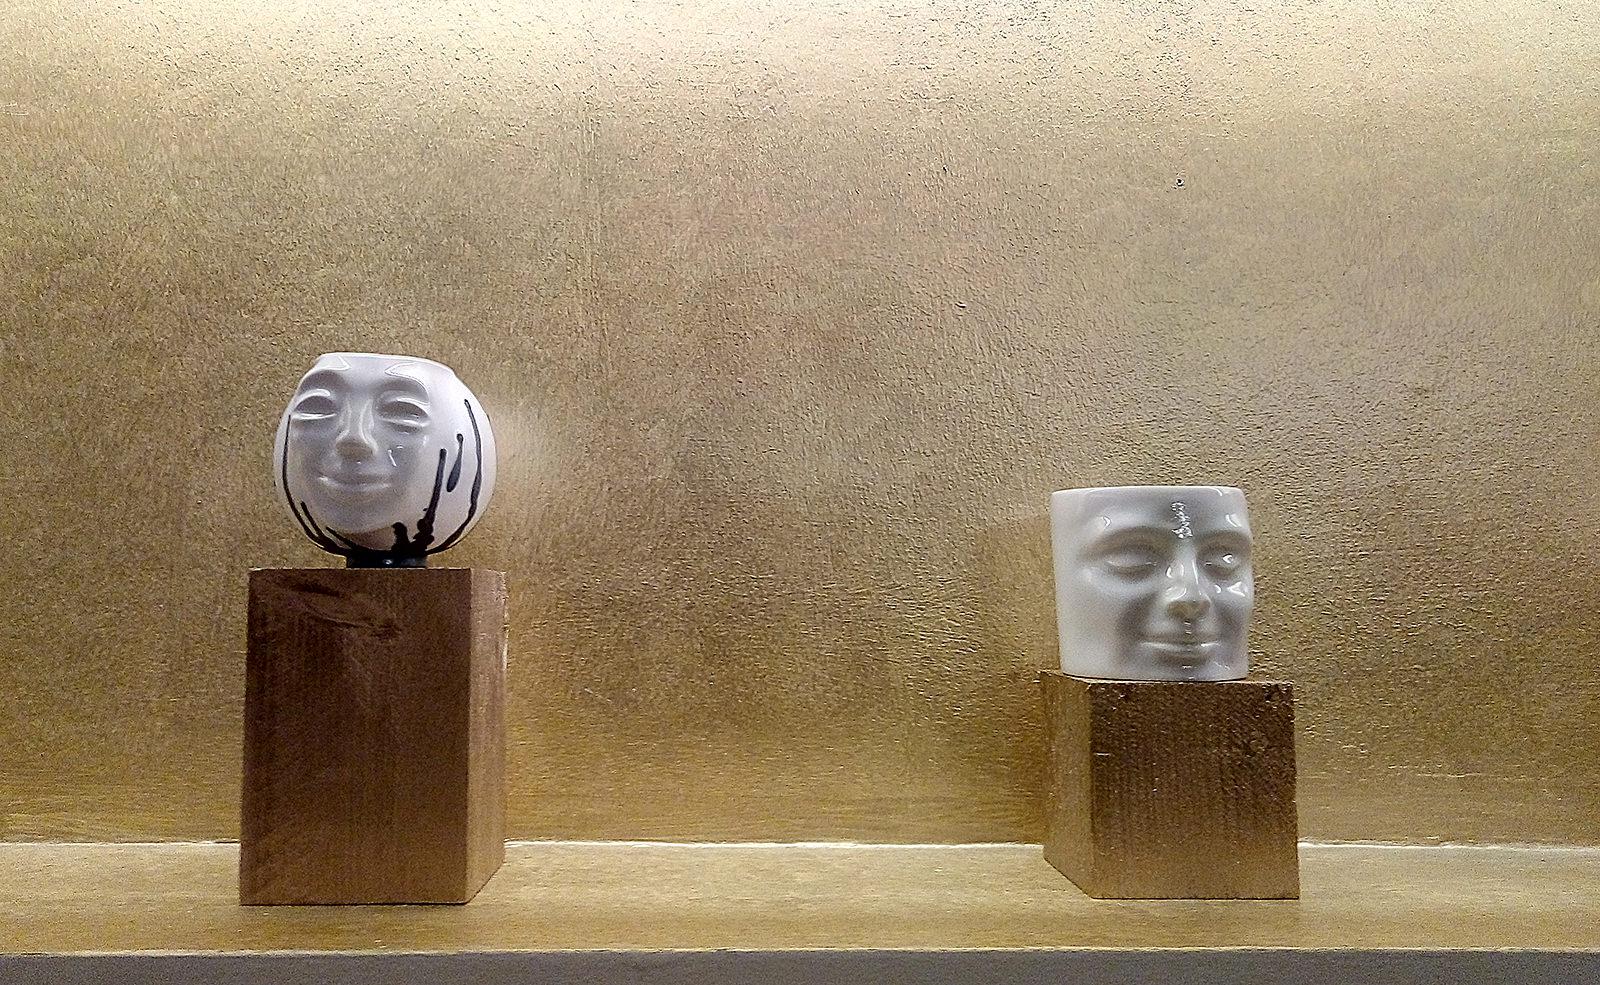 Keramikausstellung Hotel Rathaus Juni 2020 Barbara Lapsys